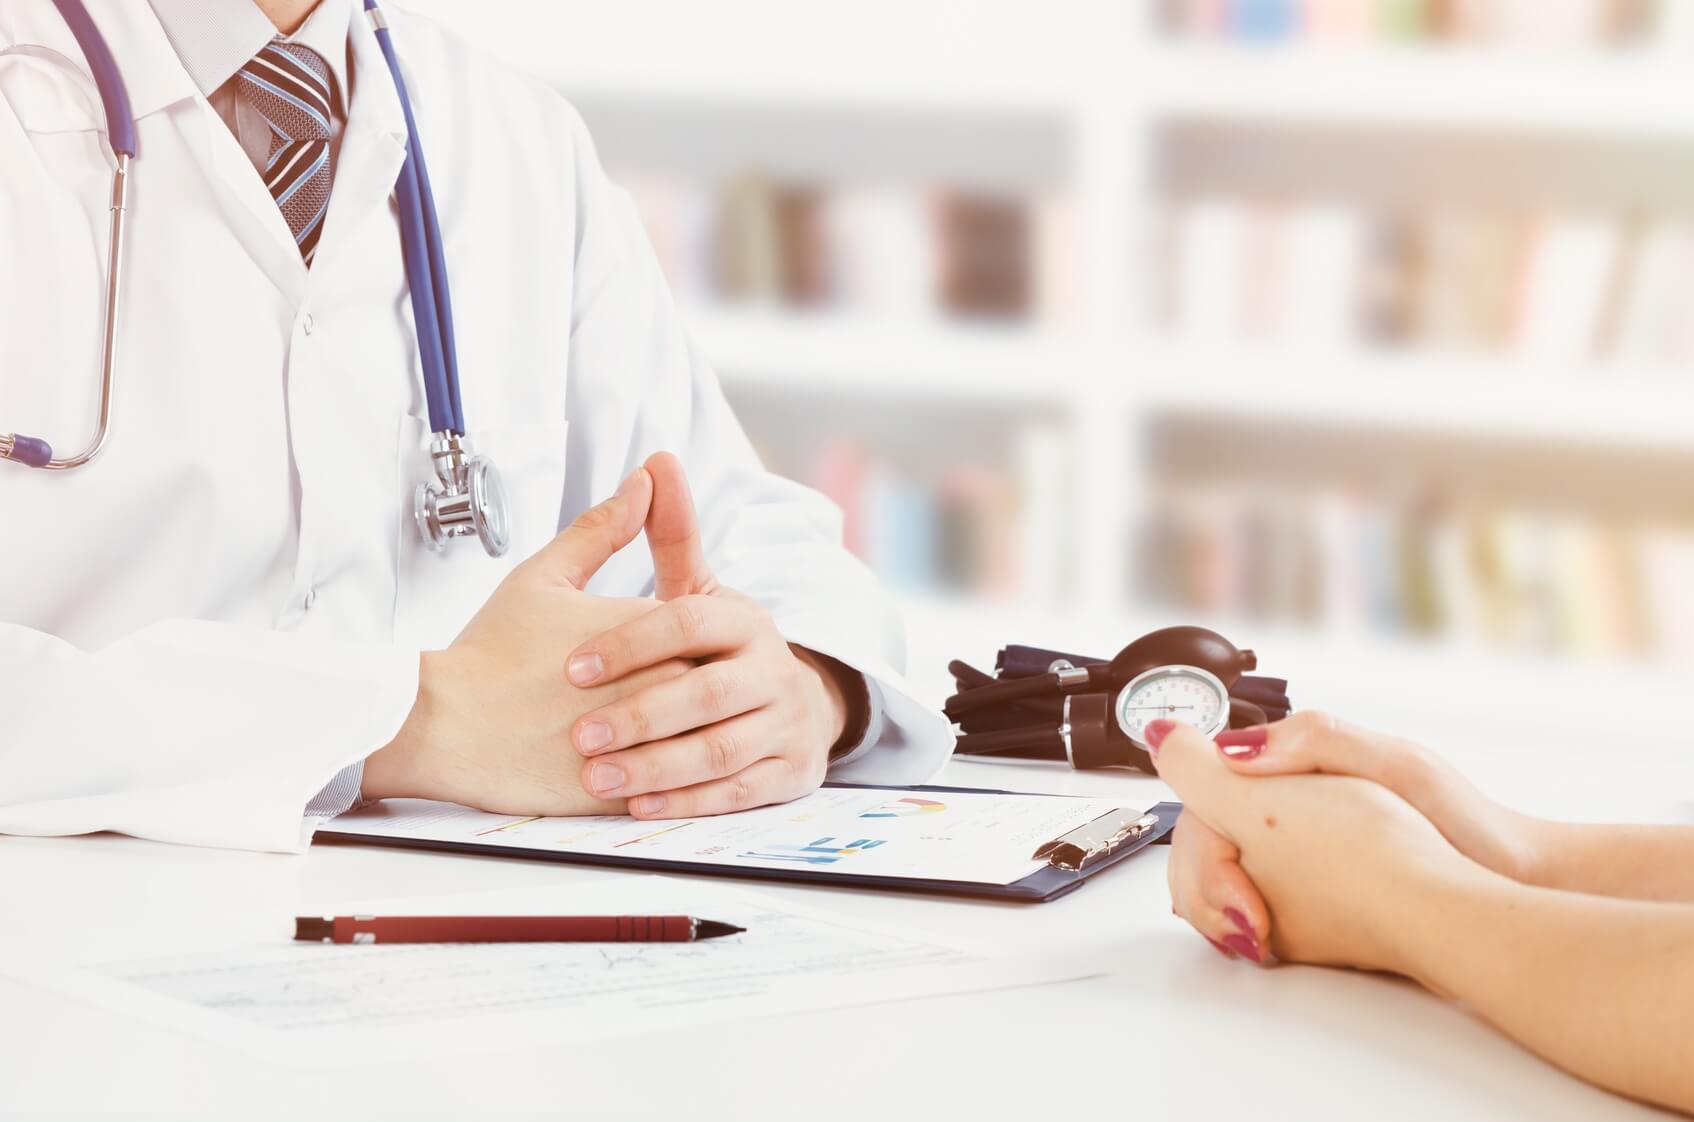 Mit Patienten Reden